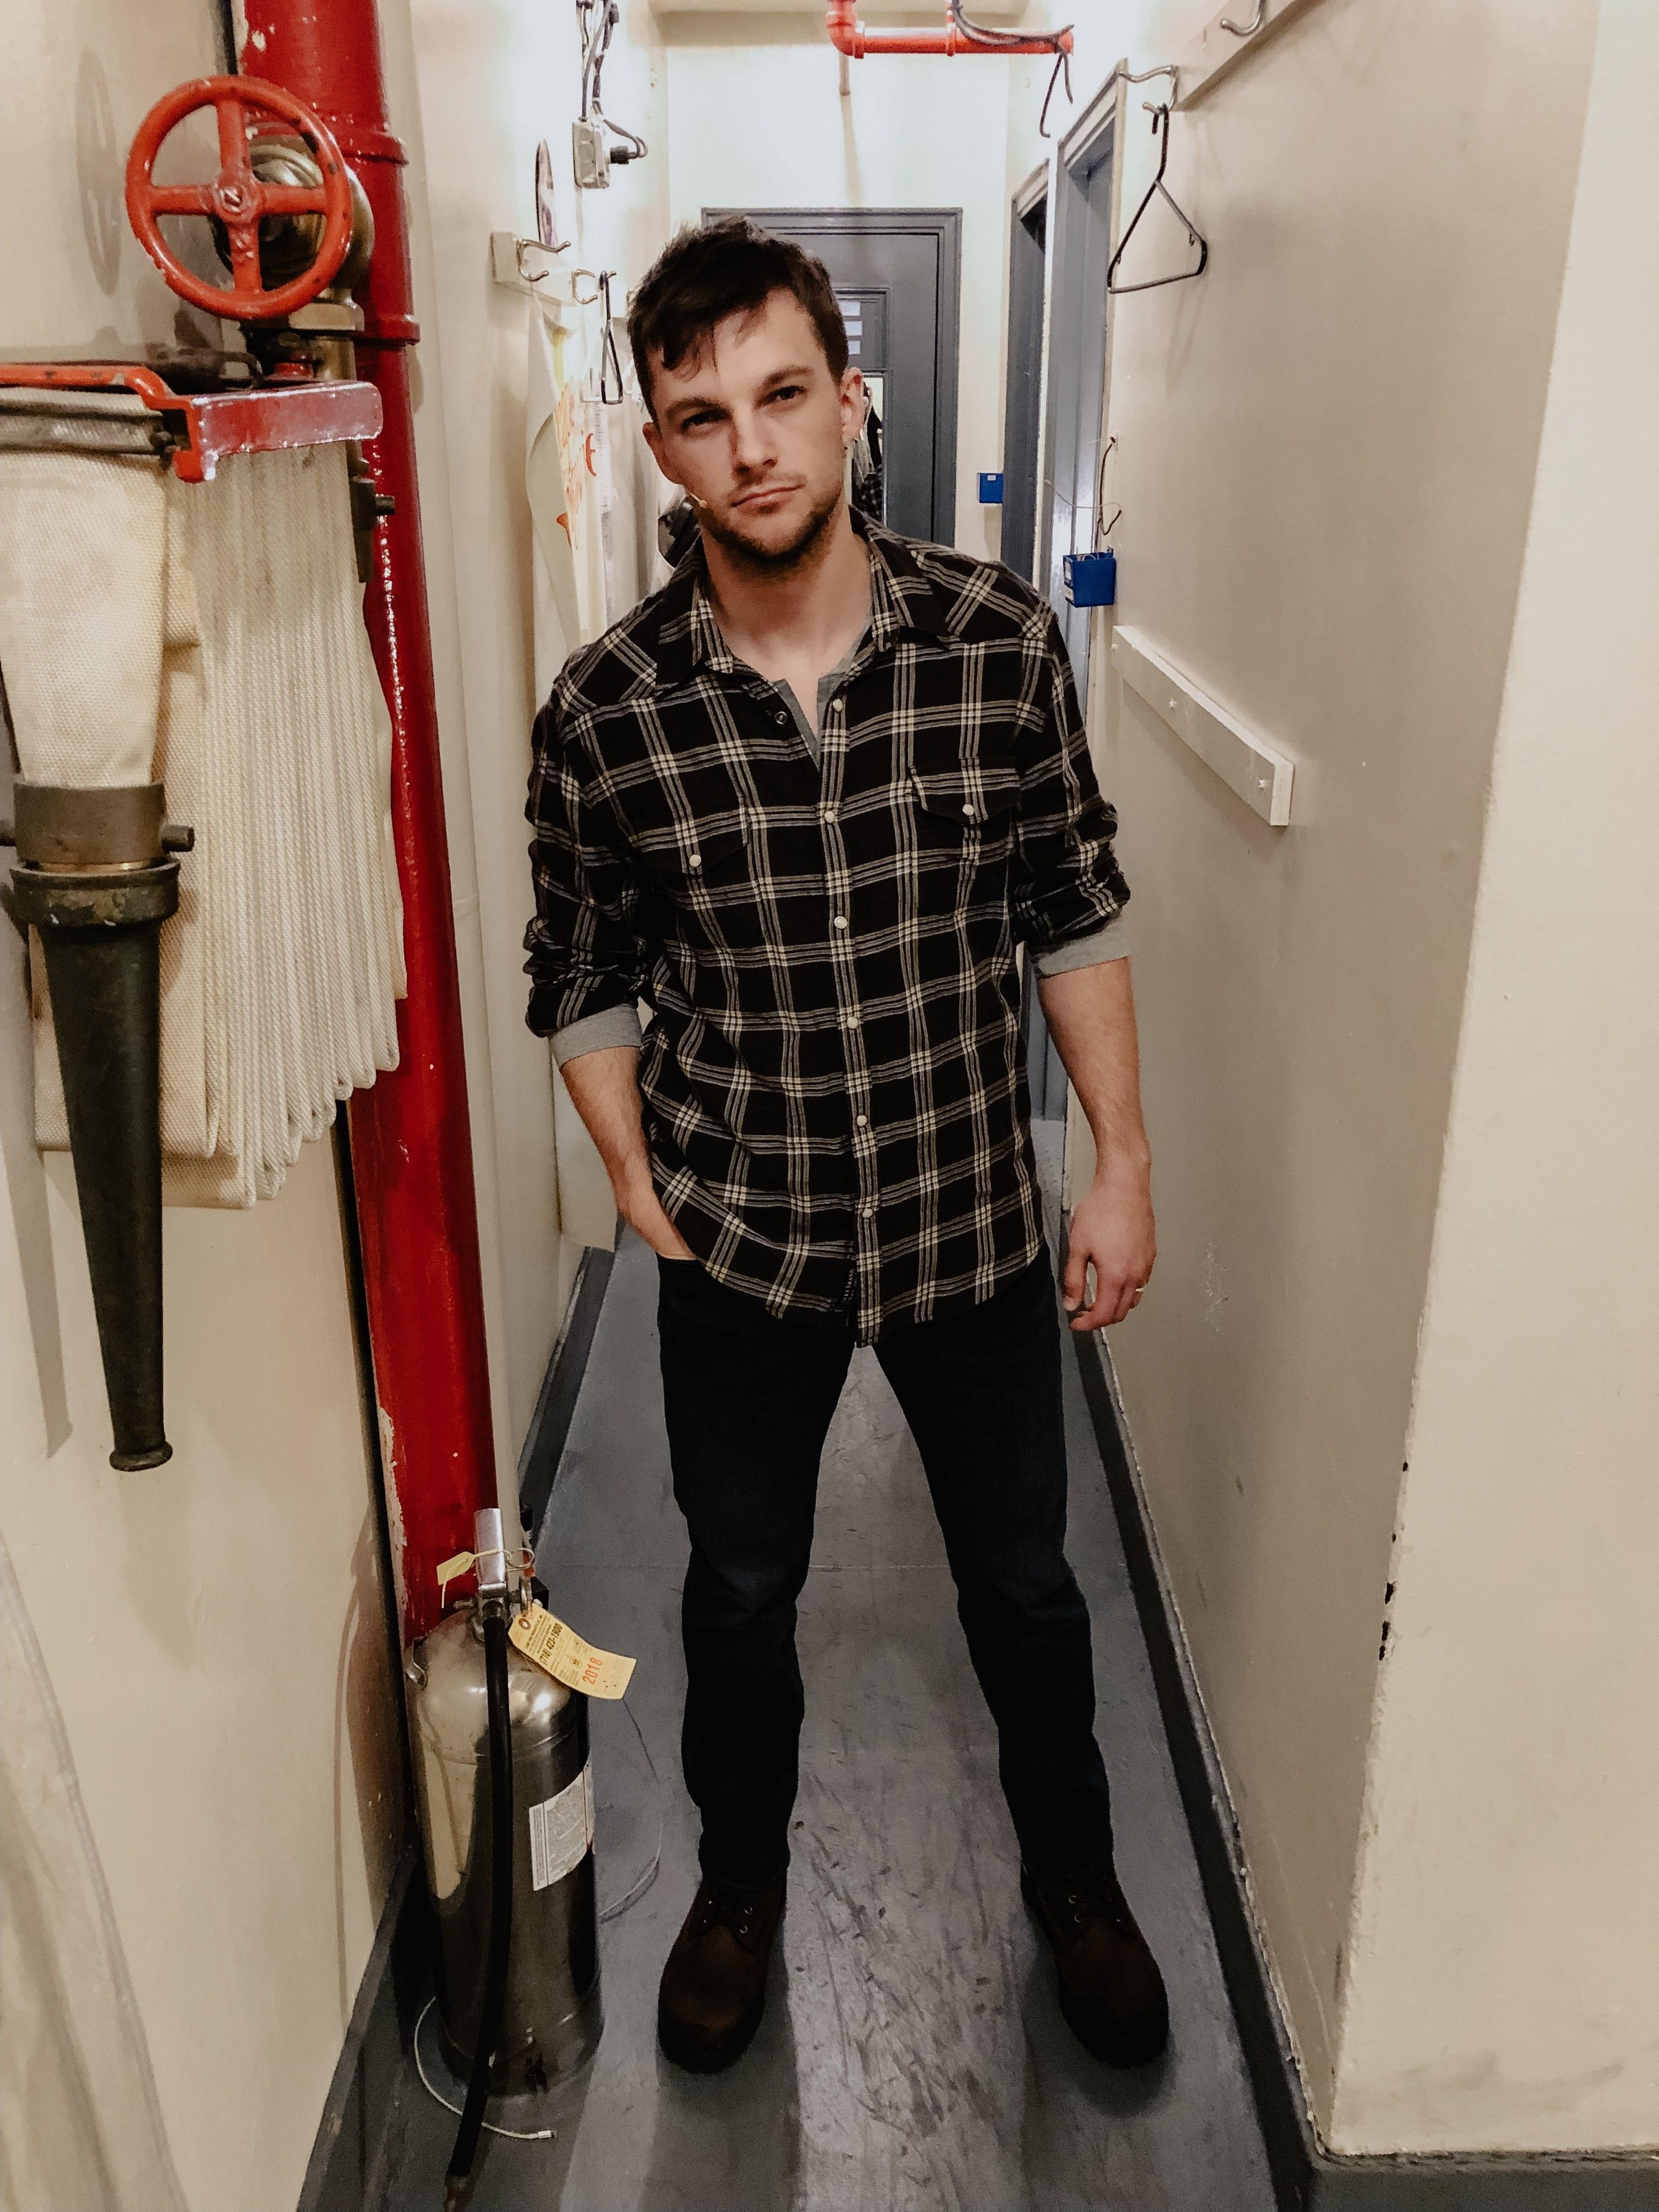 Dan posing backstage